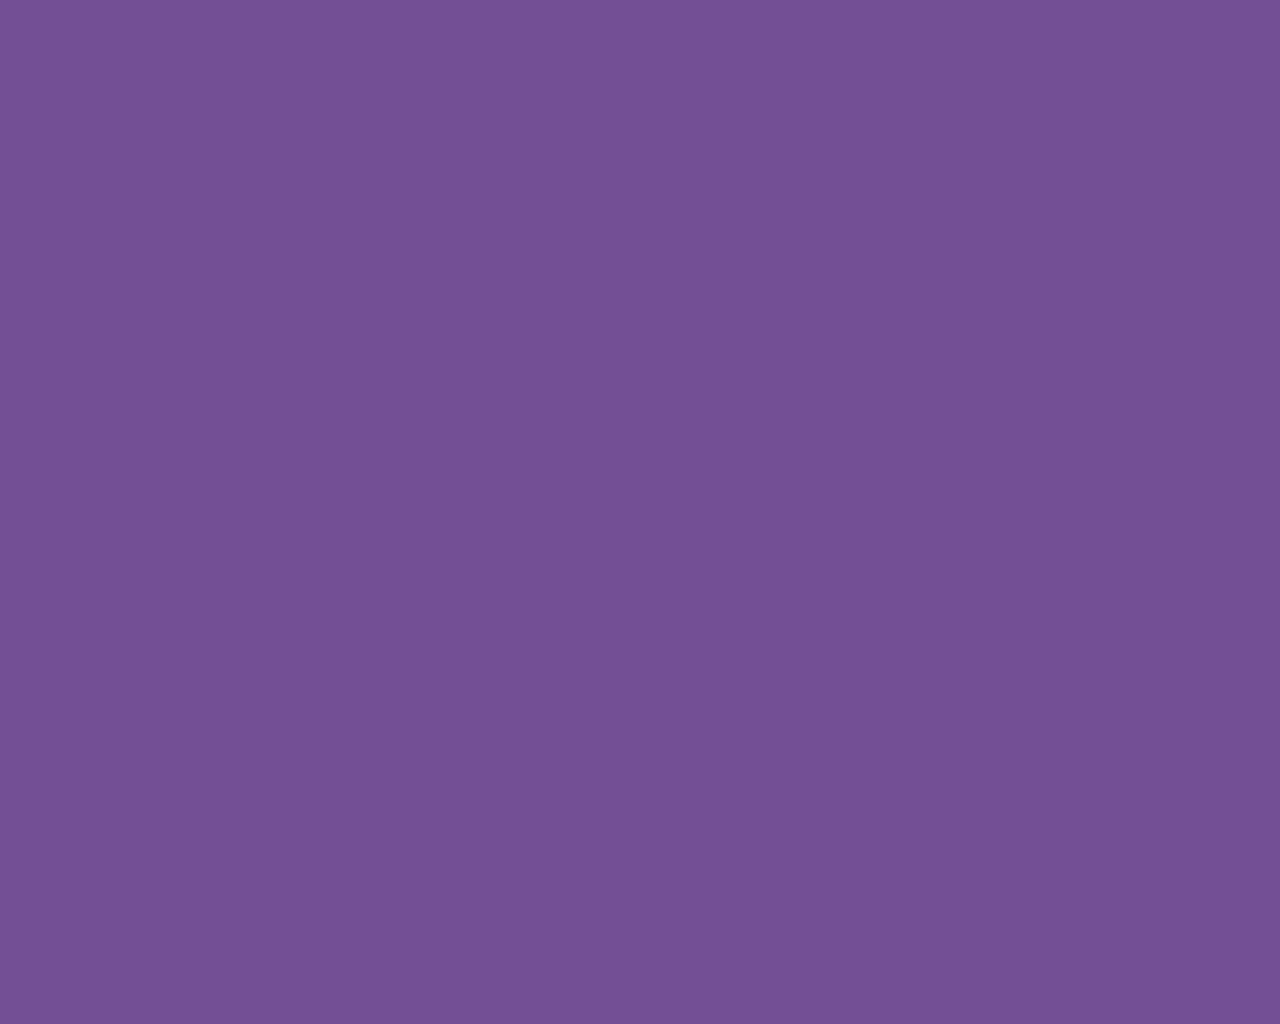 1280x1024 Dark Lavender Solid Color Background